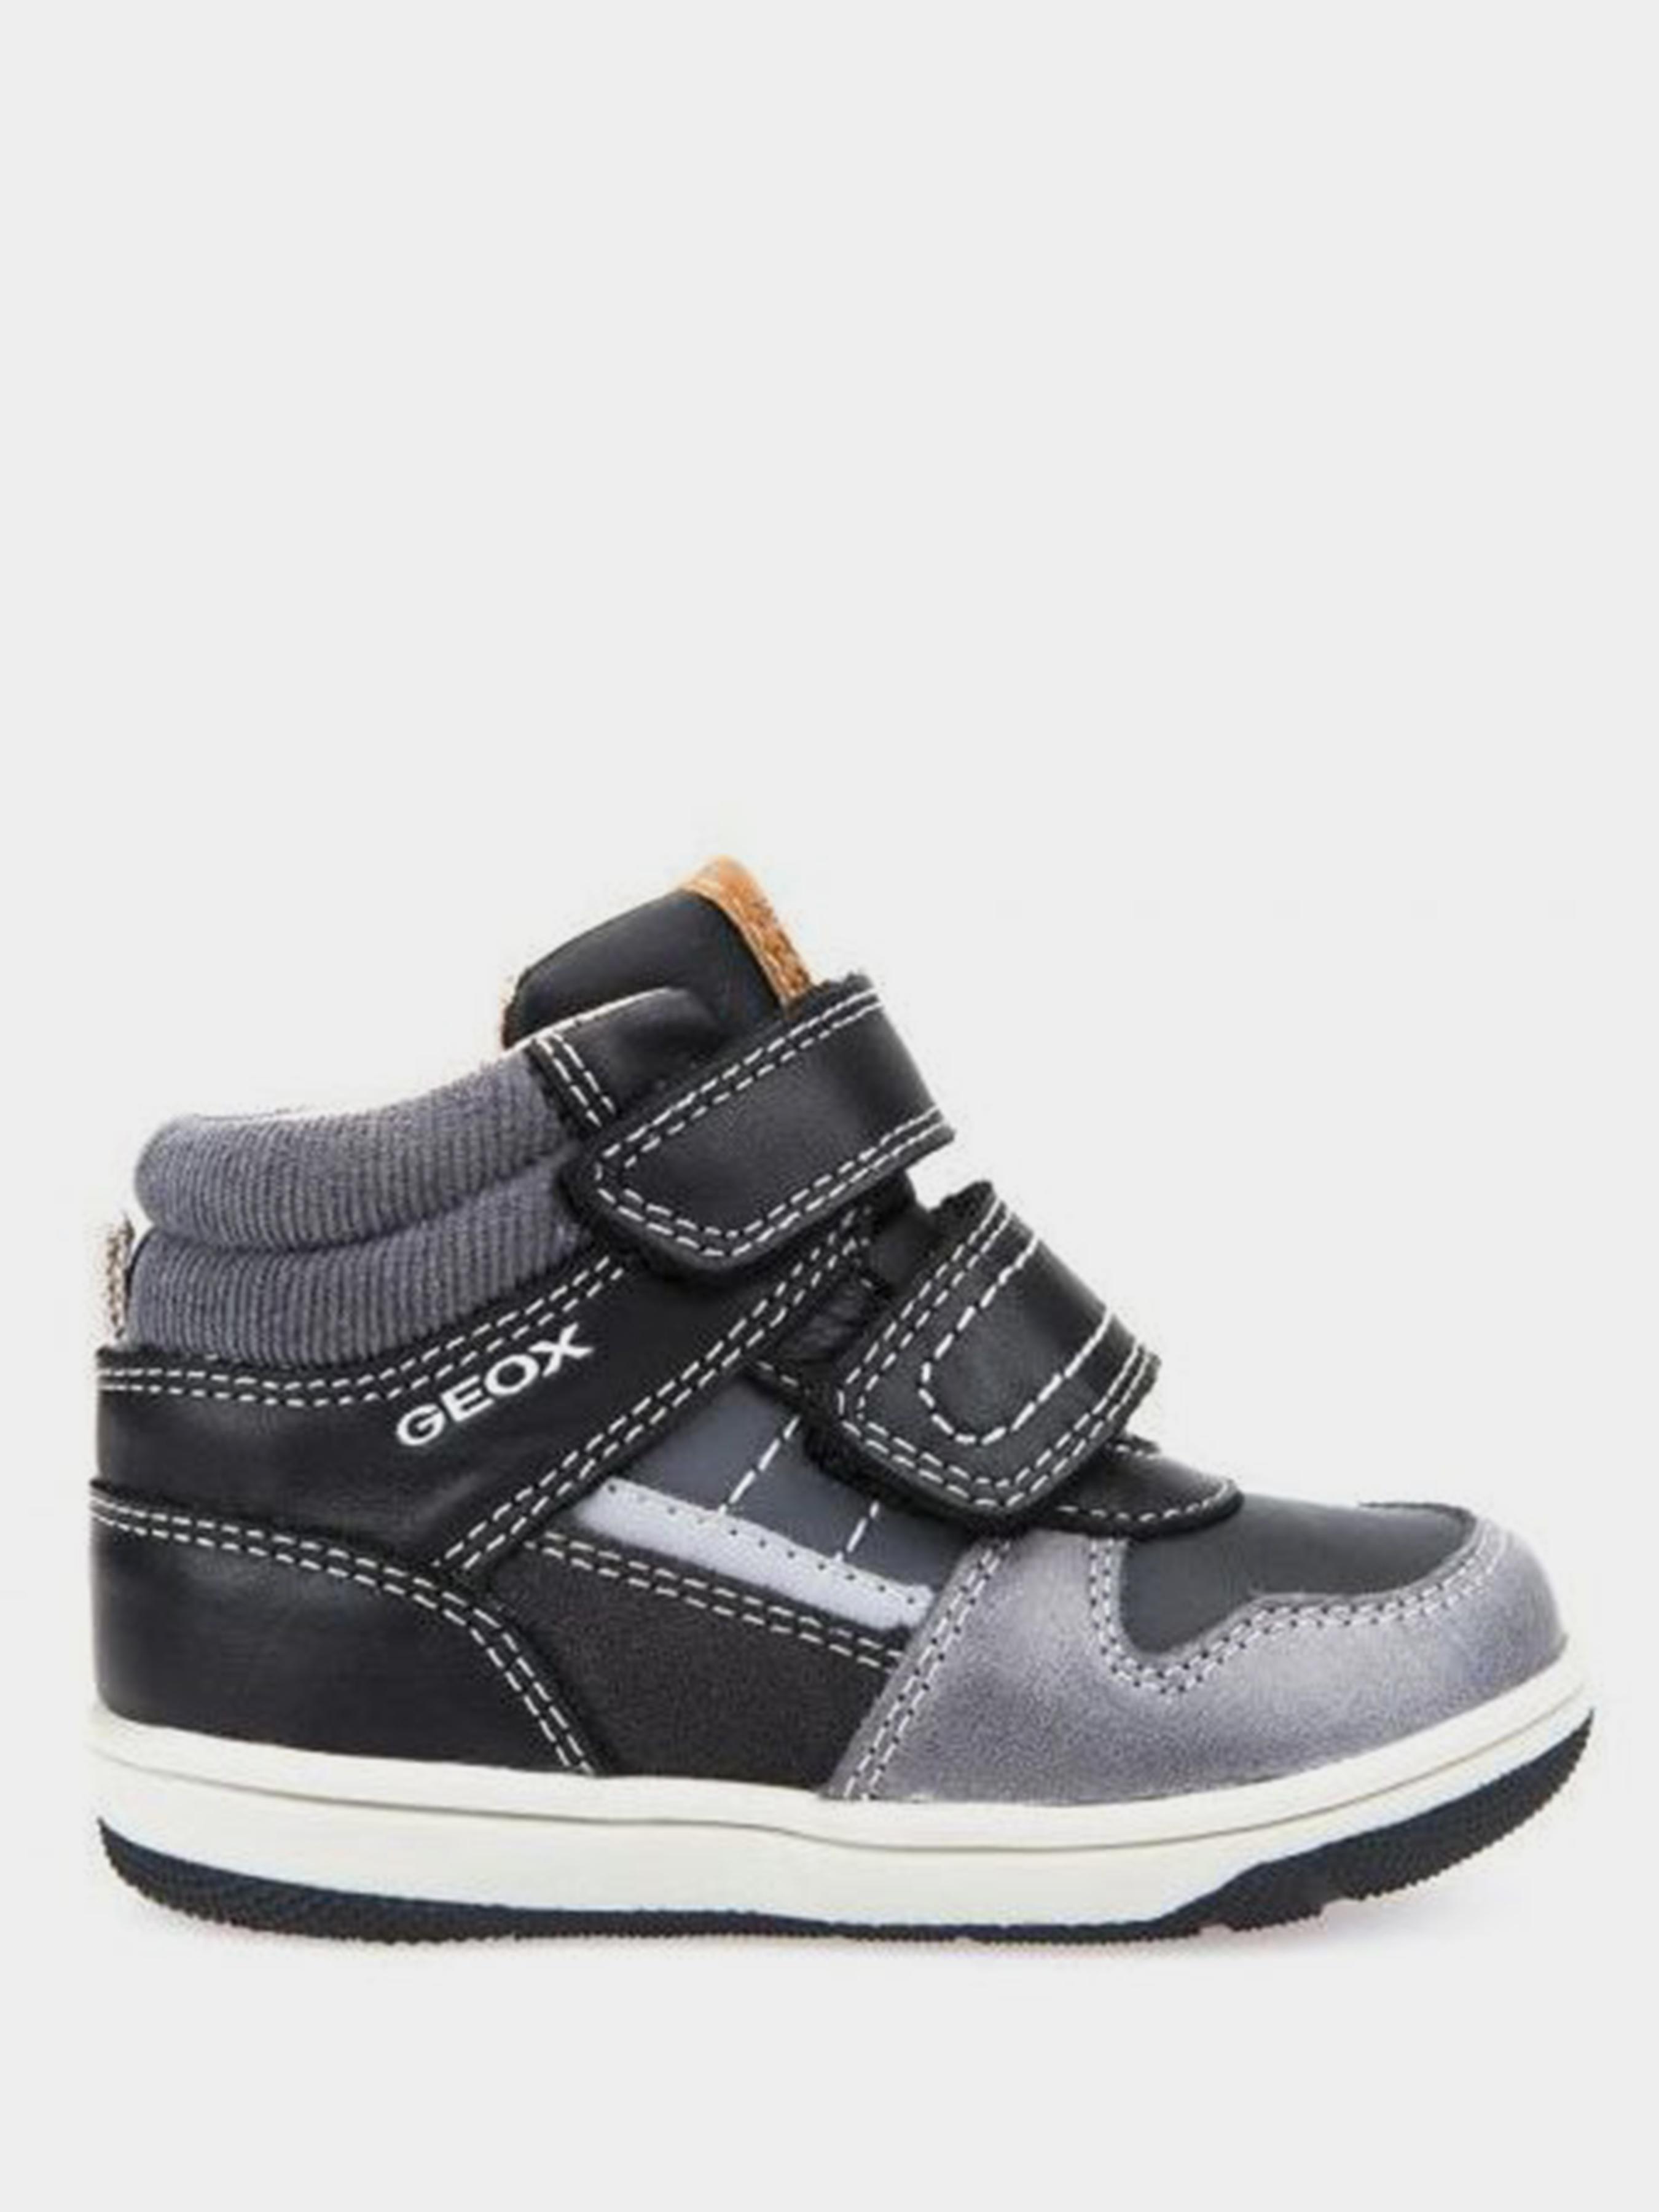 Ботинки детские Geox B NEW FLICK BOY XK5671 купить обувь, 2017